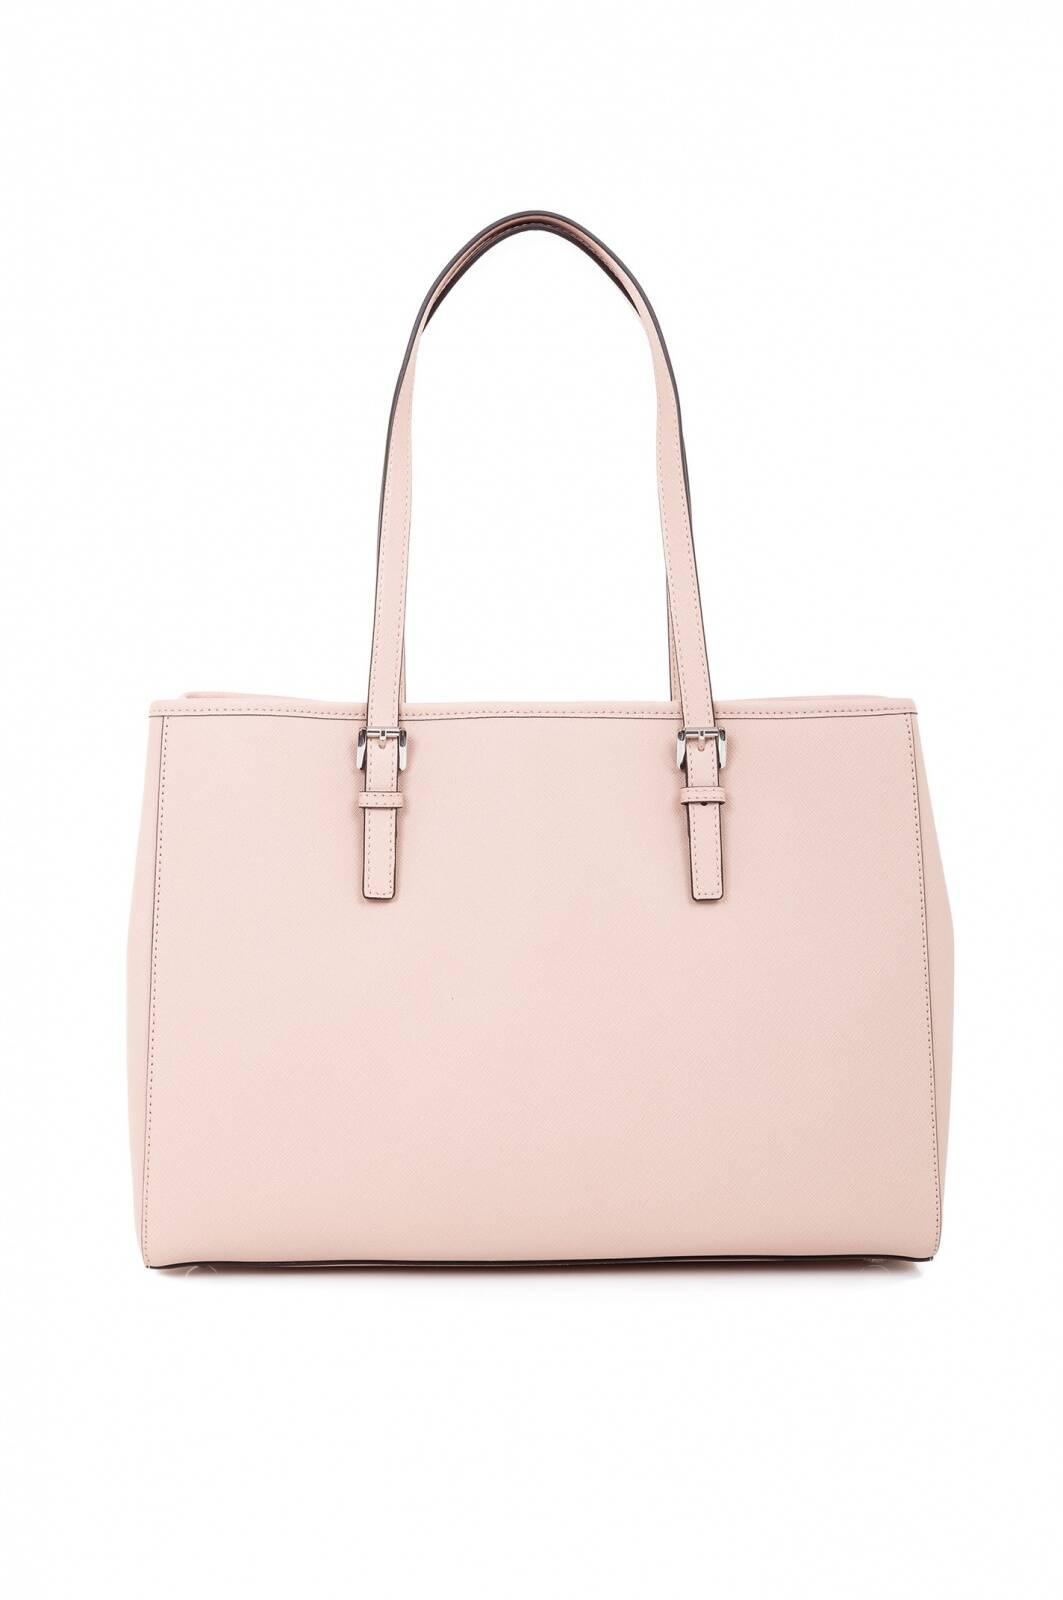 jet set travel shopper bag michael kors powder pink bags. Black Bedroom Furniture Sets. Home Design Ideas